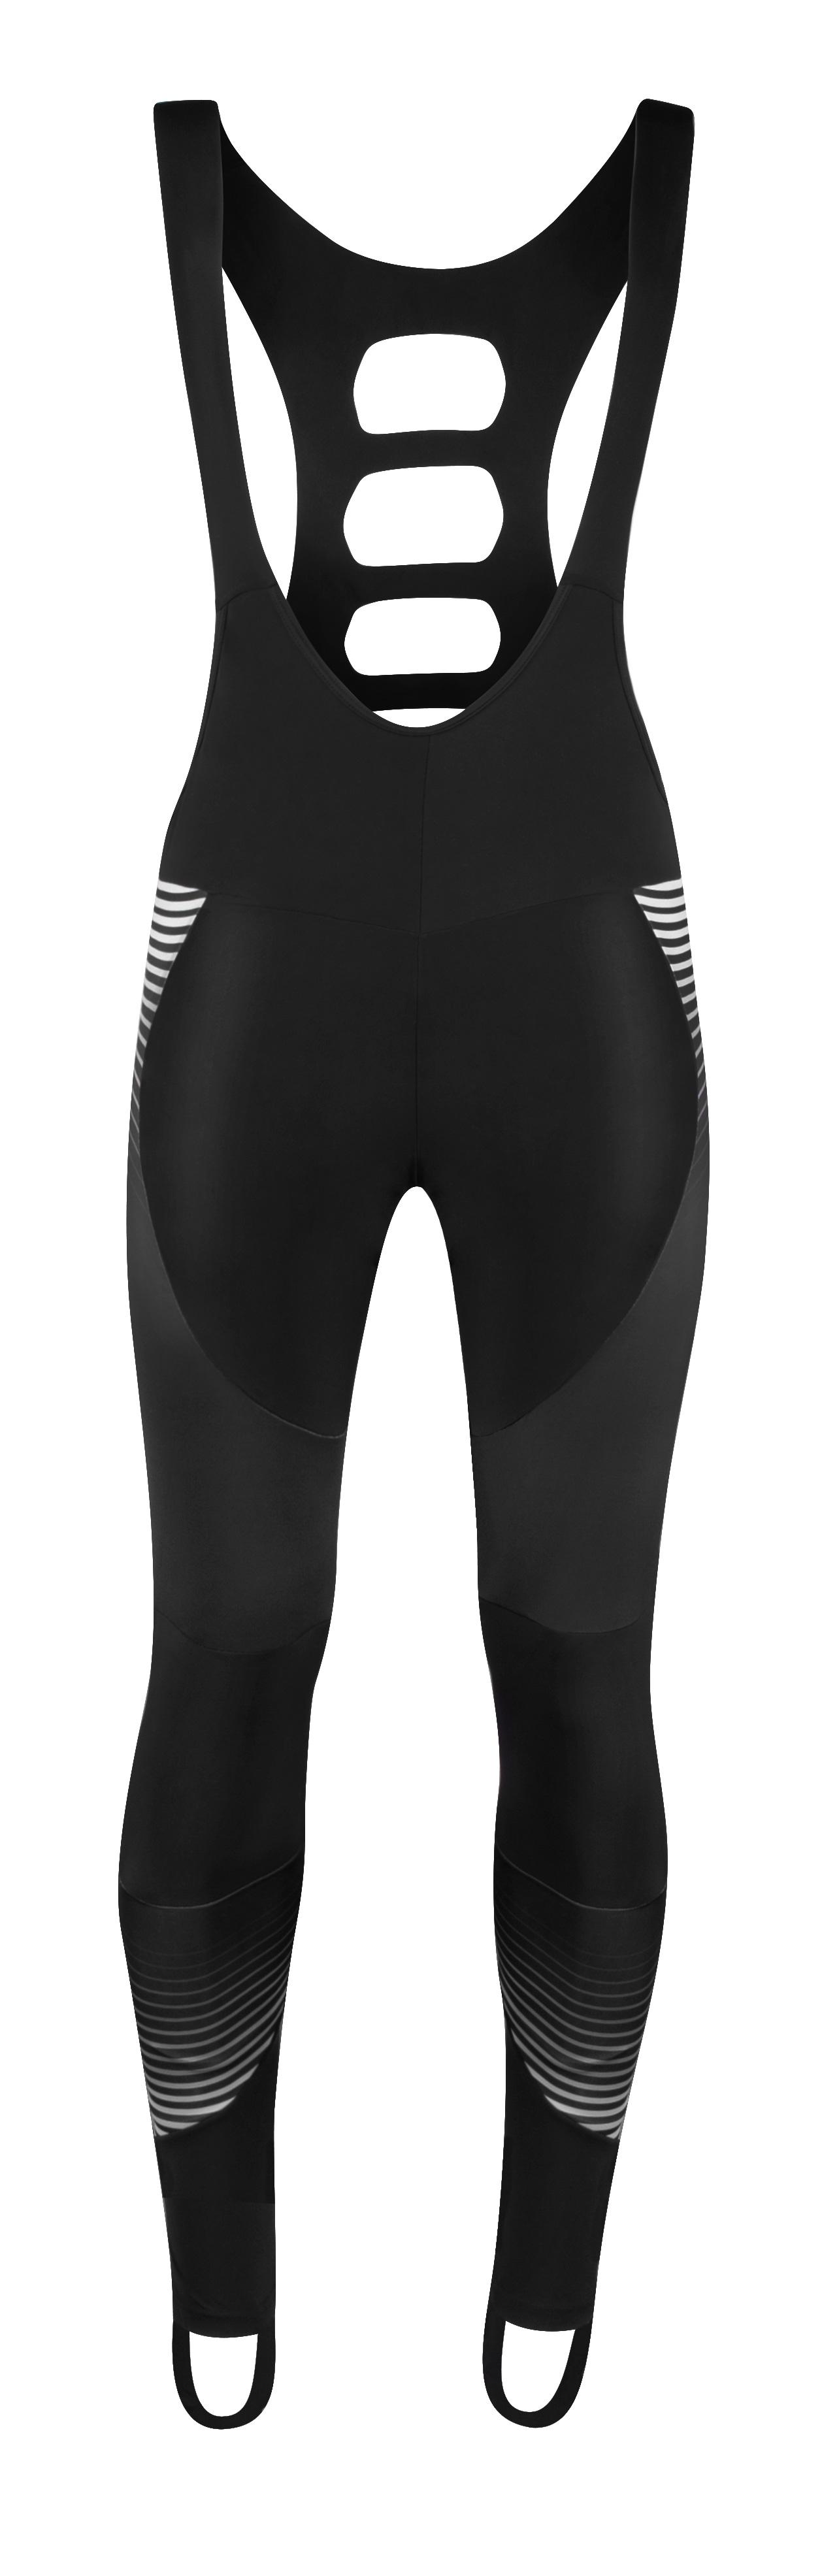 kalhoty FORCE DRIFT se šráky bez vložky, černé M